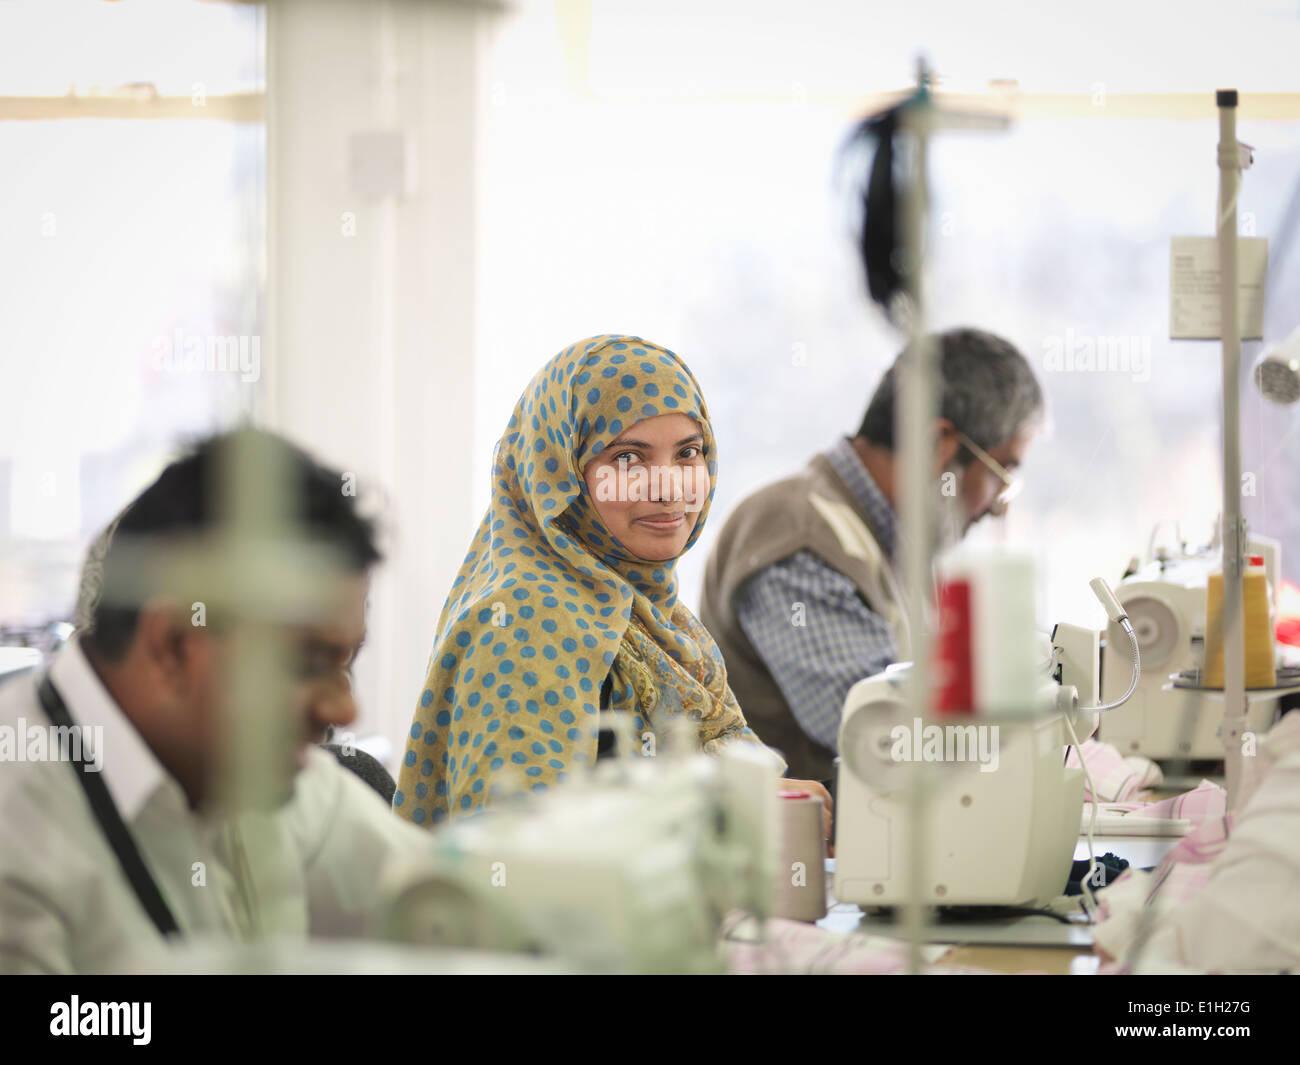 Lavoratore di sesso femminile che nella fabbrica di indumento, ritratto Immagini Stock